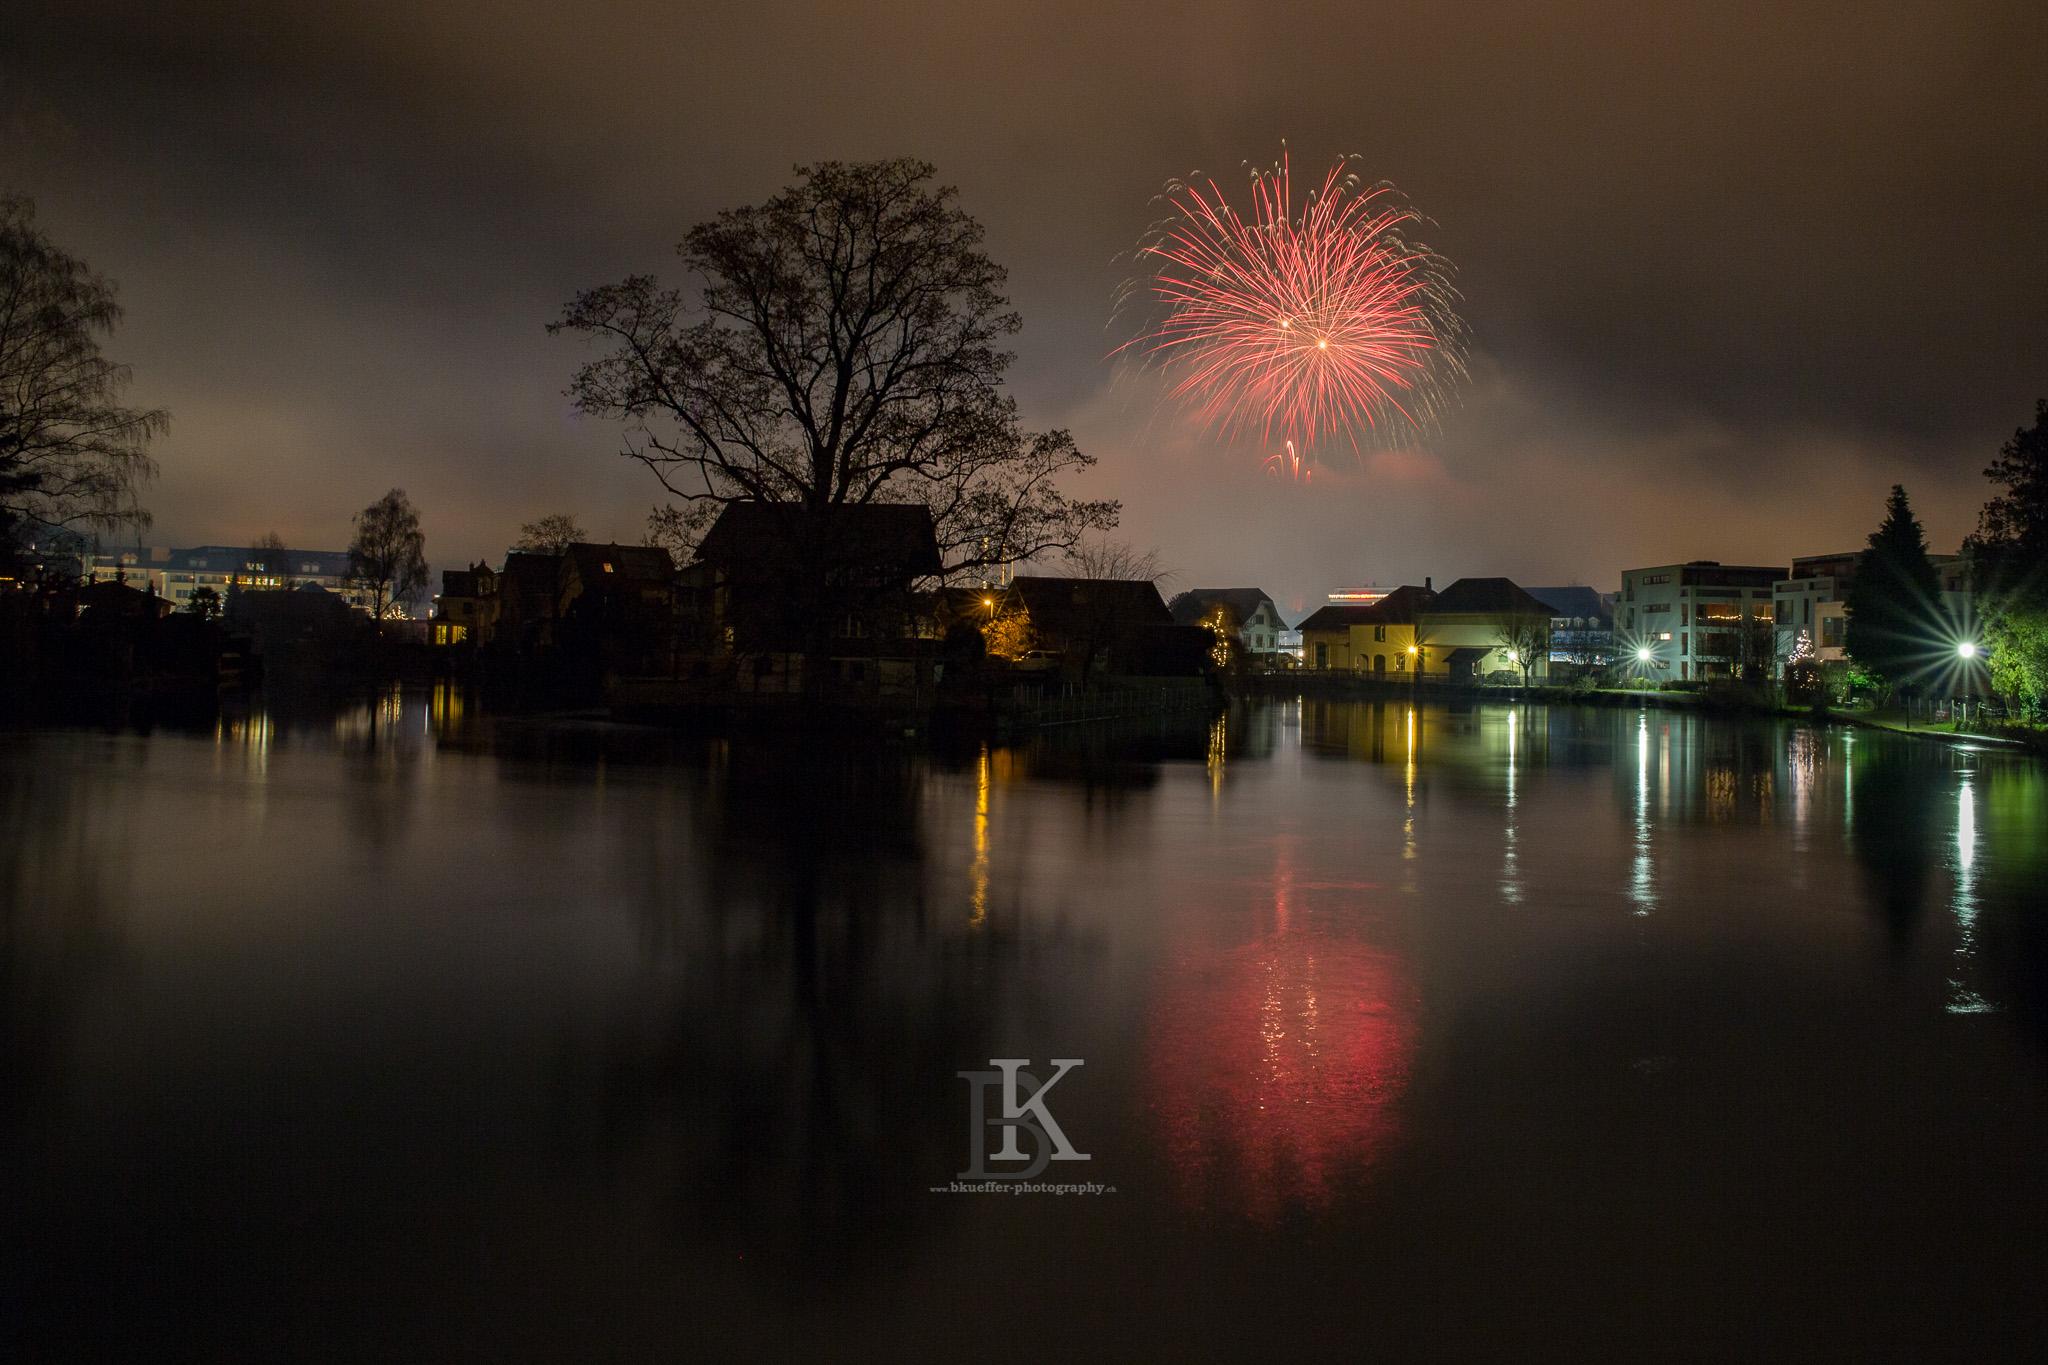 Feuerwerk01012016 (11 von 13)